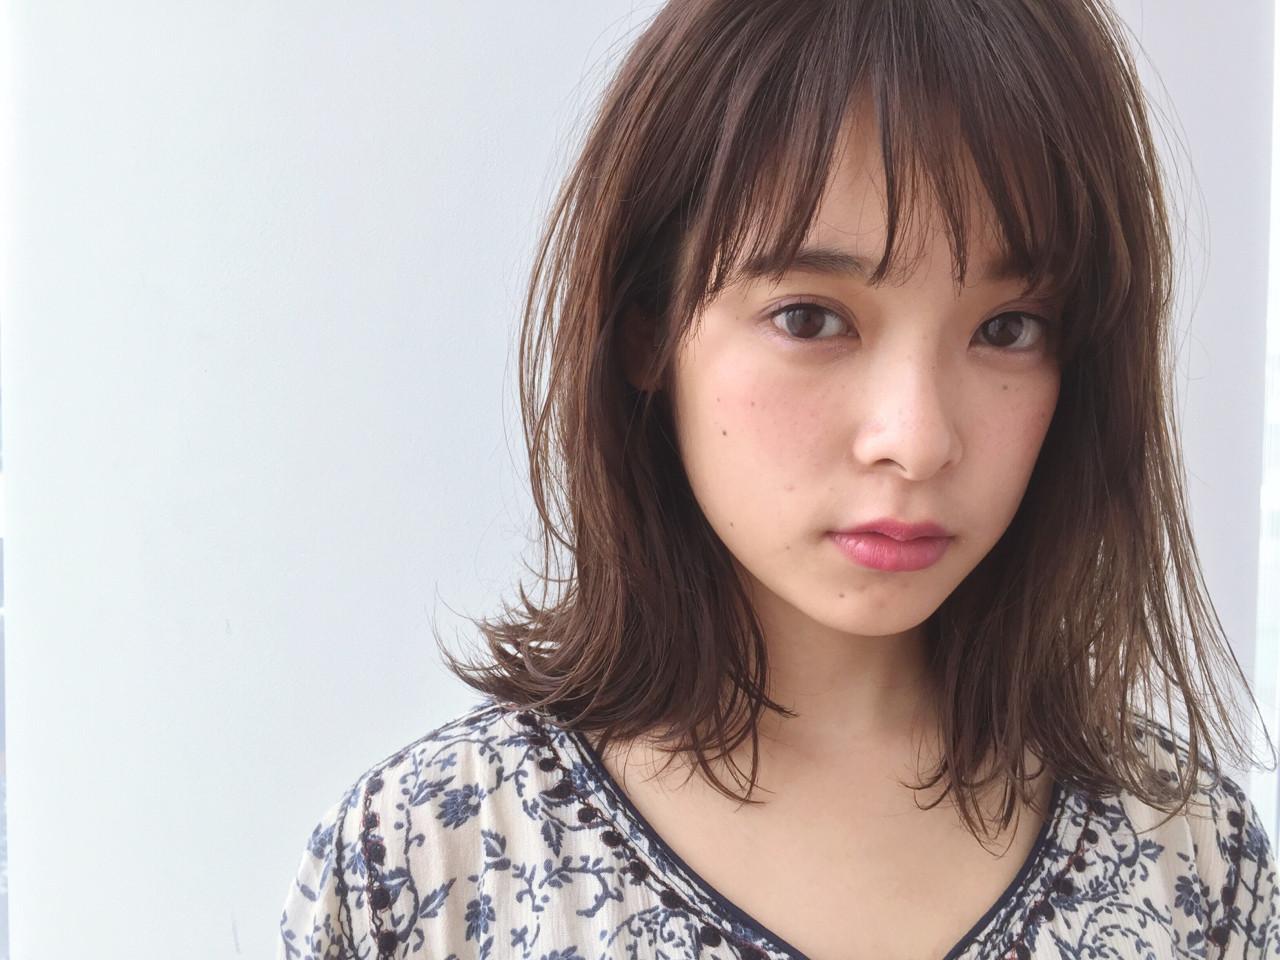 不造作大層次顯得成熟可愛的戶田惠梨香風中長直髮 福間Erisa